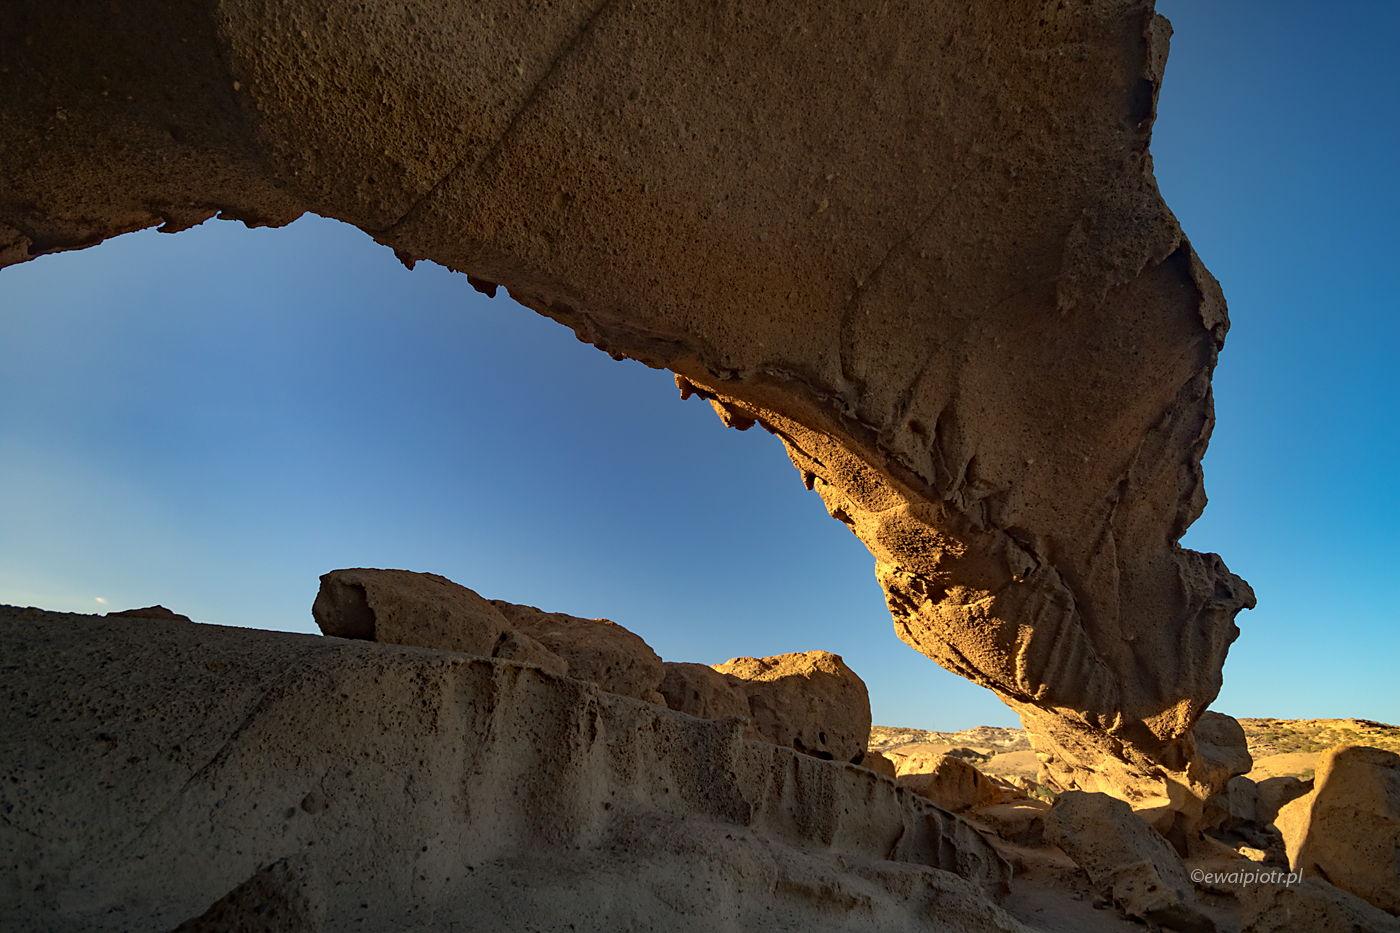 Skalny łuk, Teneryfa, Wyspy Kanaryjskie